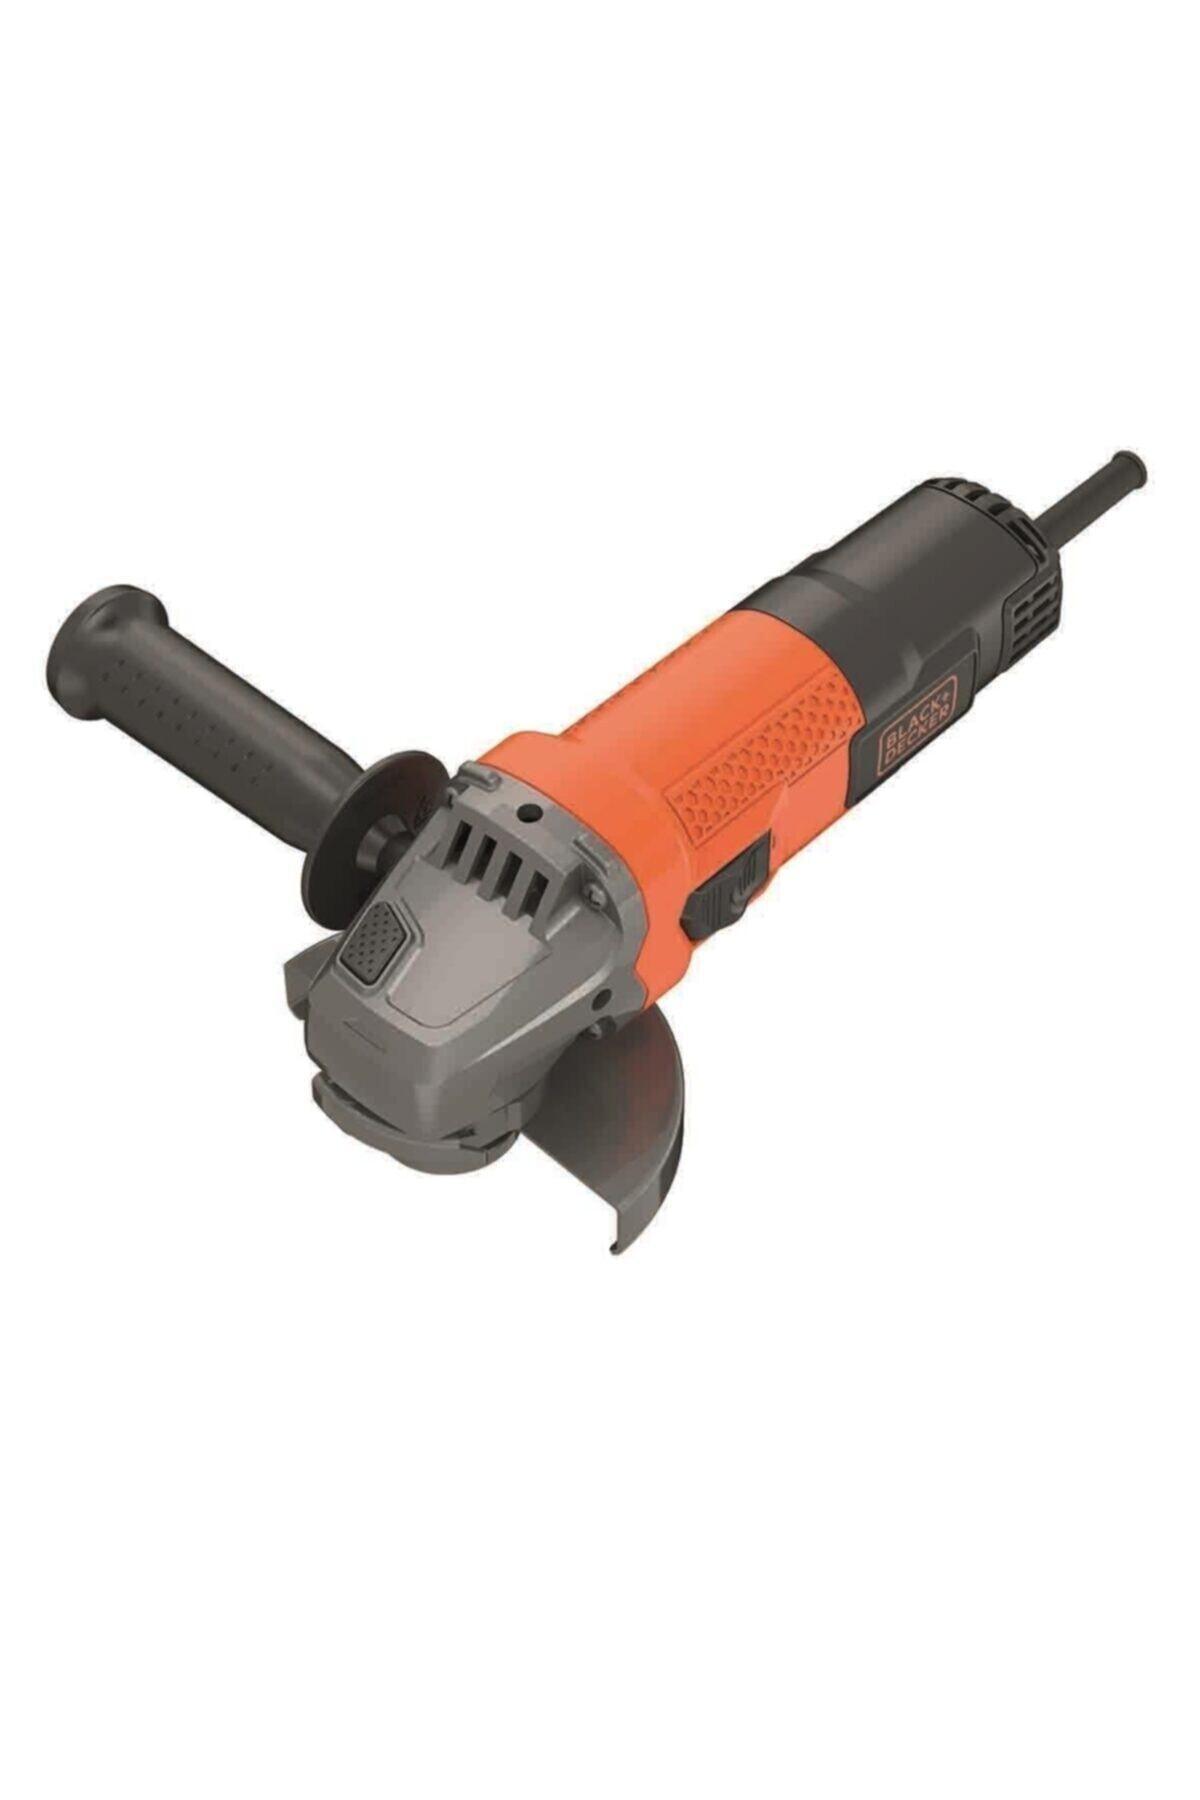 Black&Decker Beg110 750watt 115mm Avuç Taşlama 1